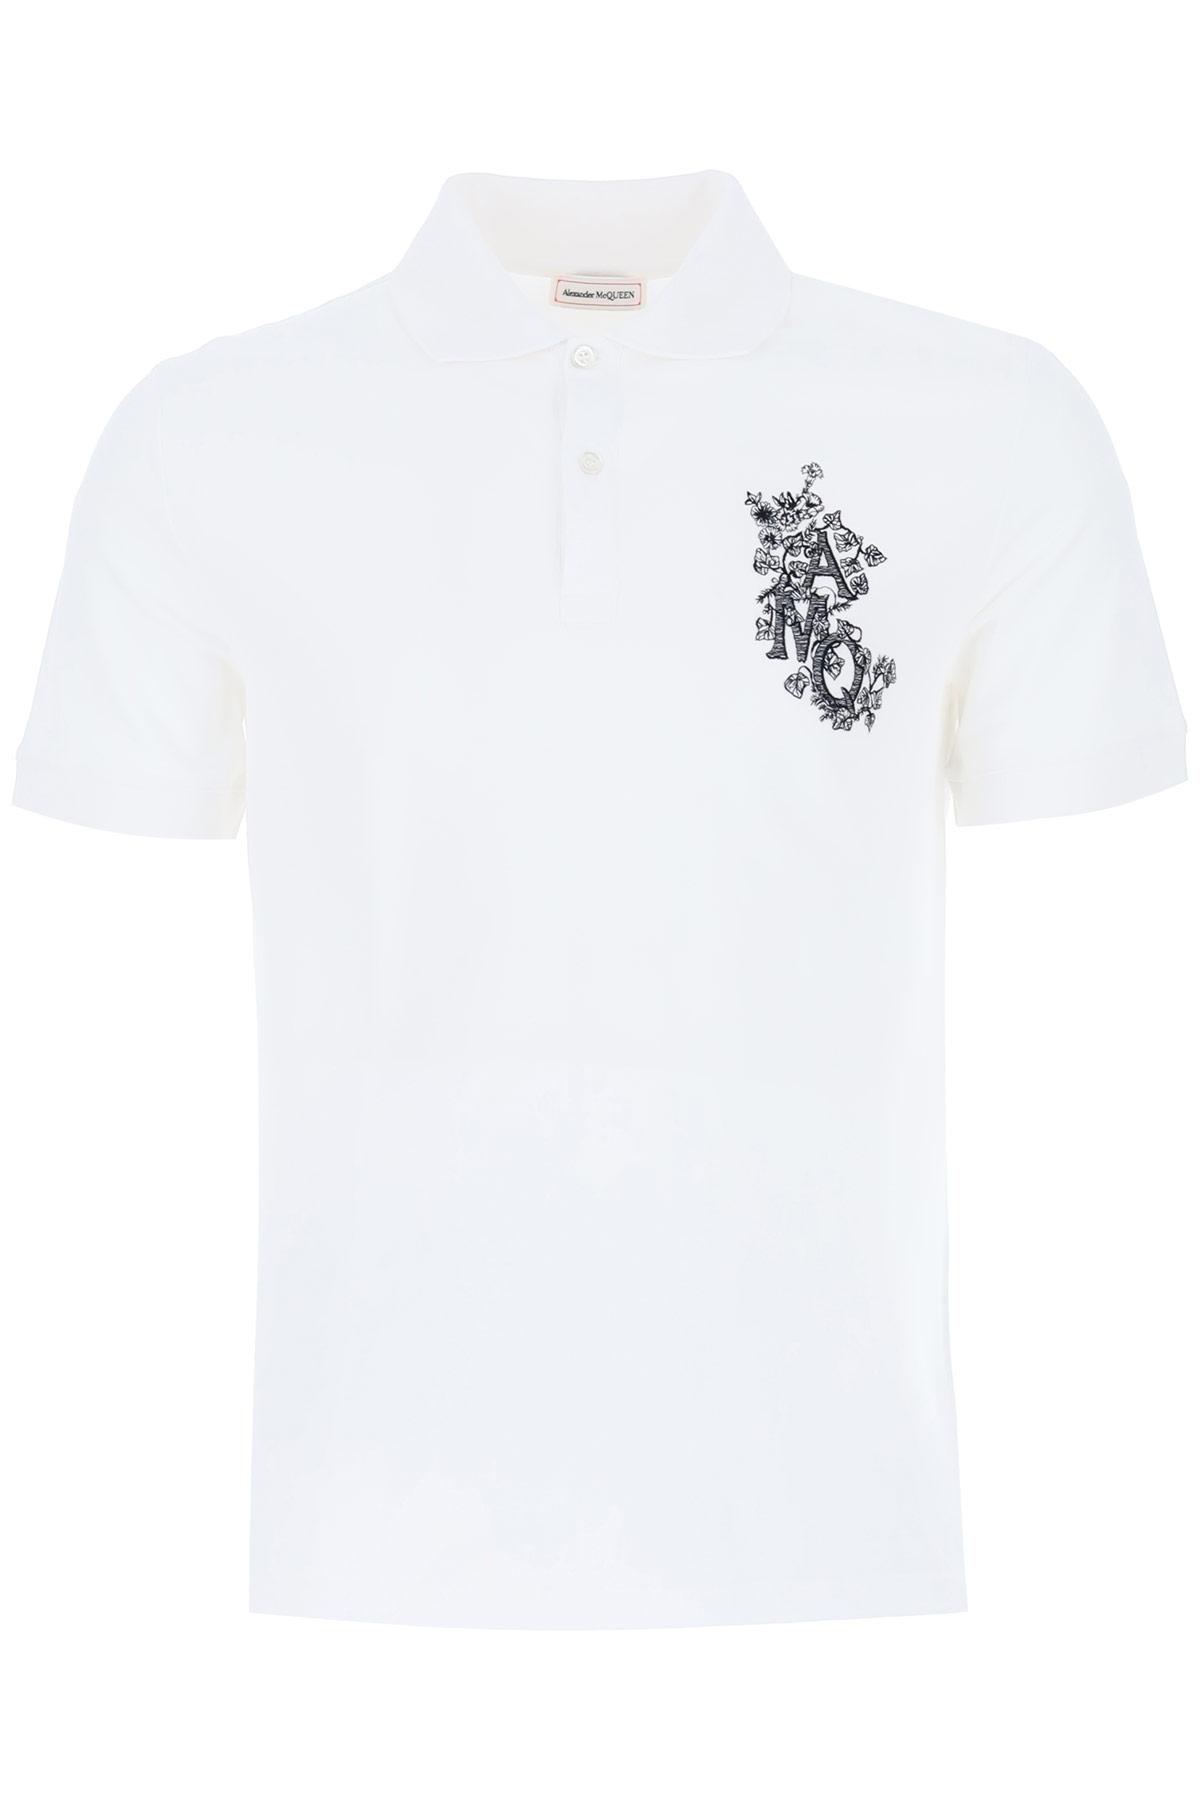 ALEXANDER MCQUEEN 0 S White, Black Cotton